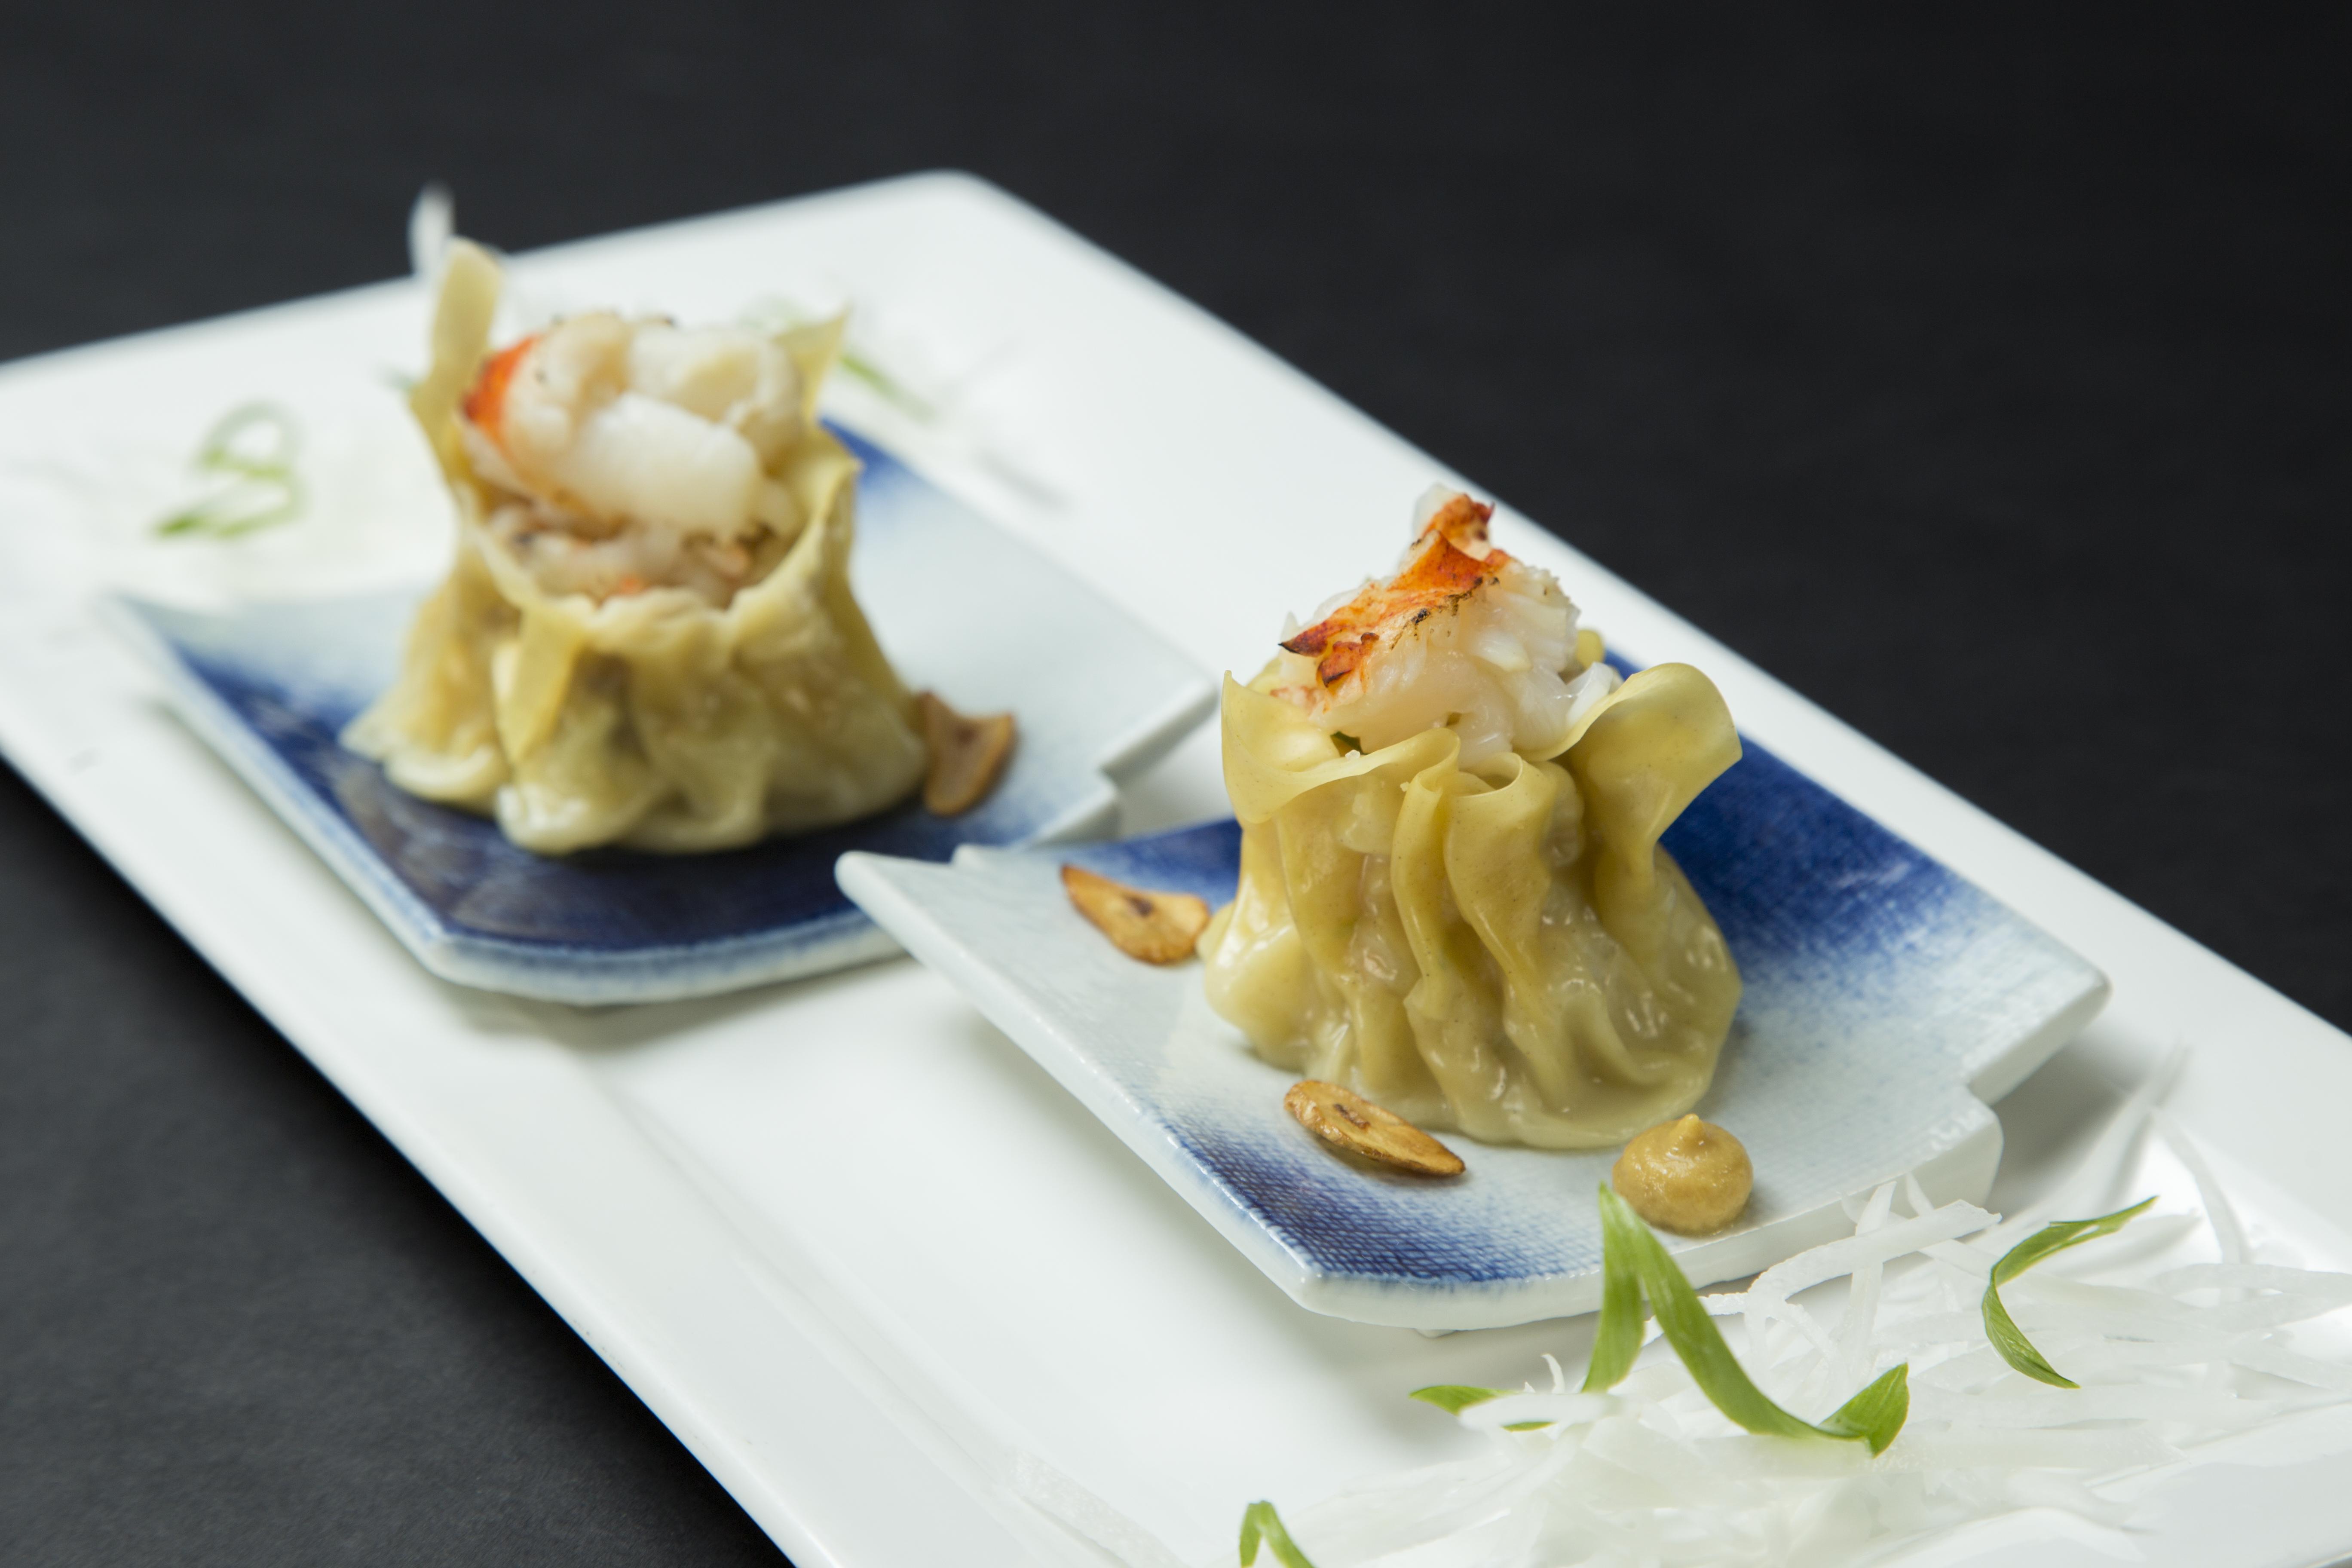 Two steamed dumplings on a plate.